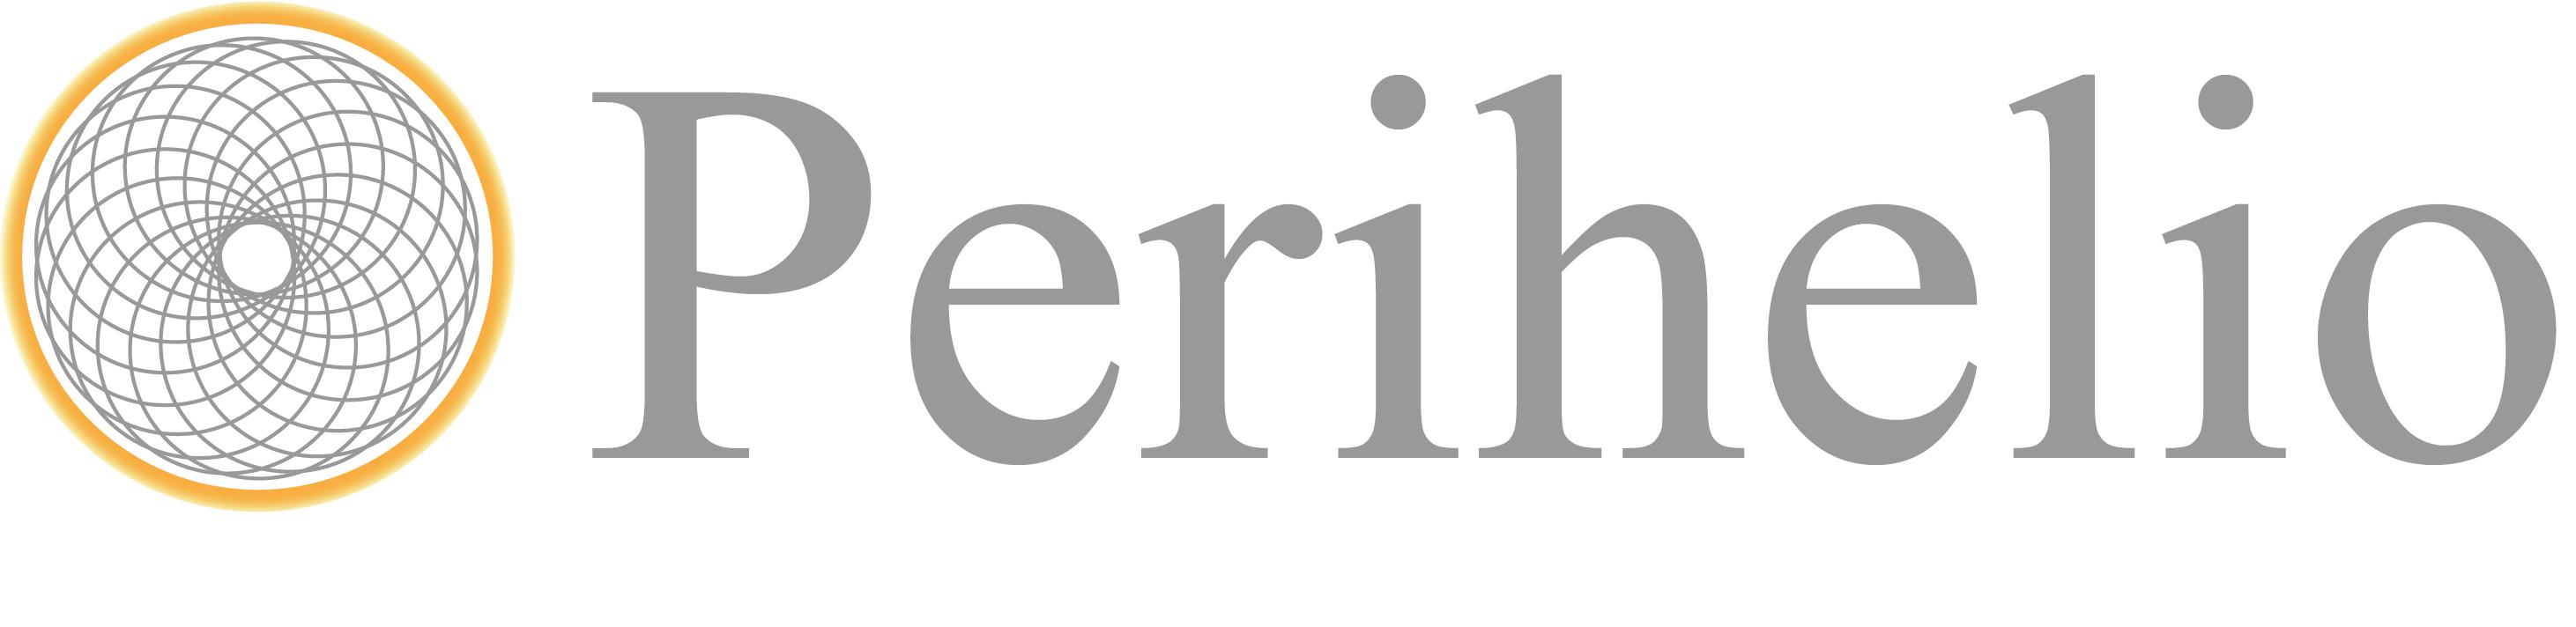 Perihelio - La Ruta Natural